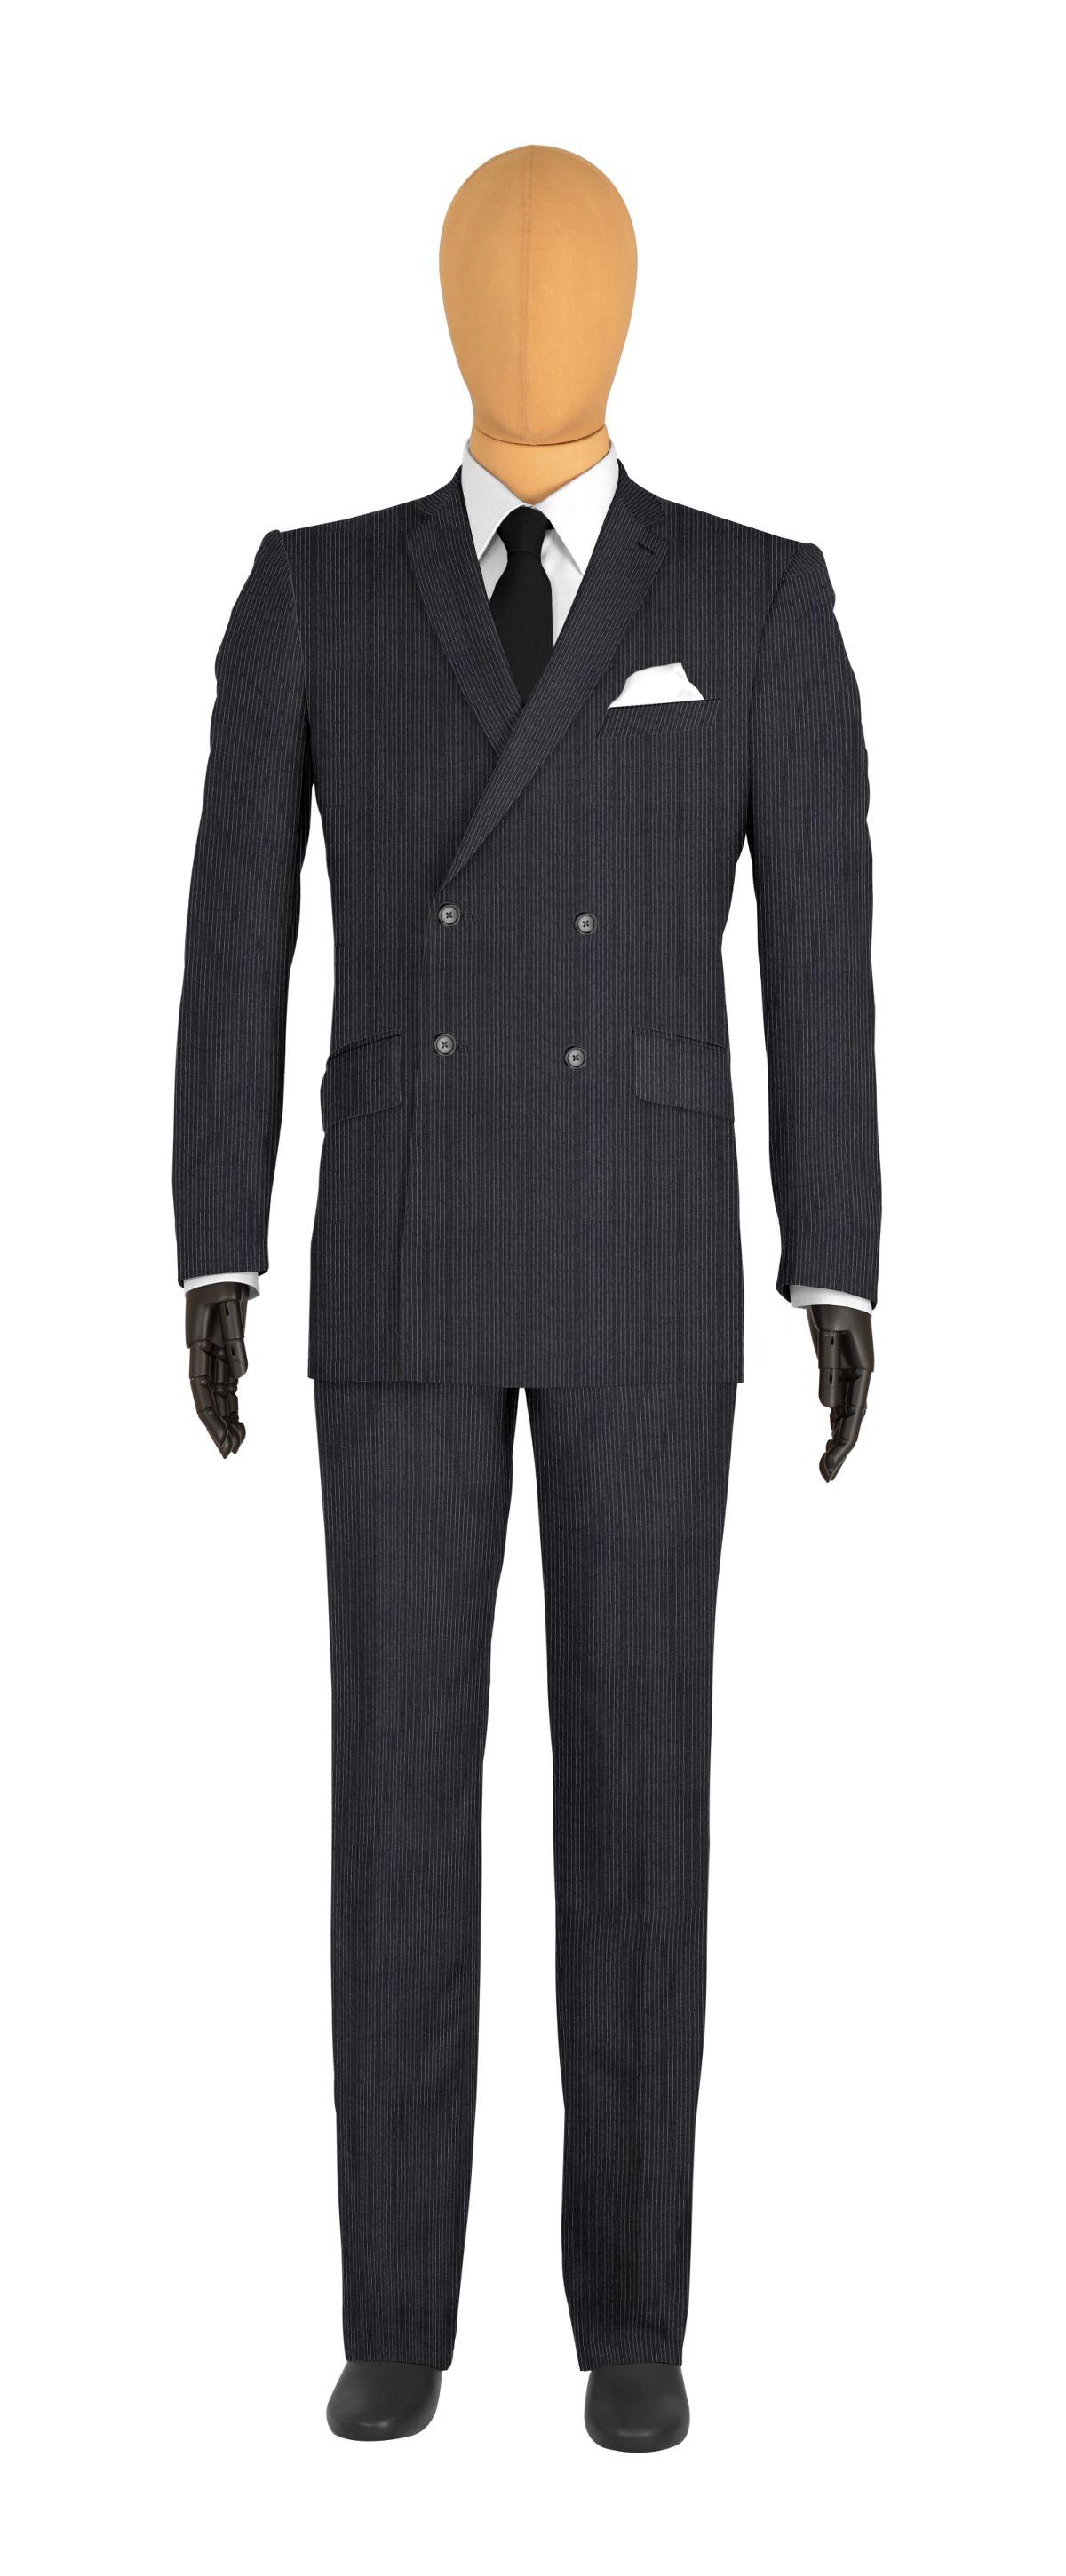 Costume veste croisée gris fines rayures